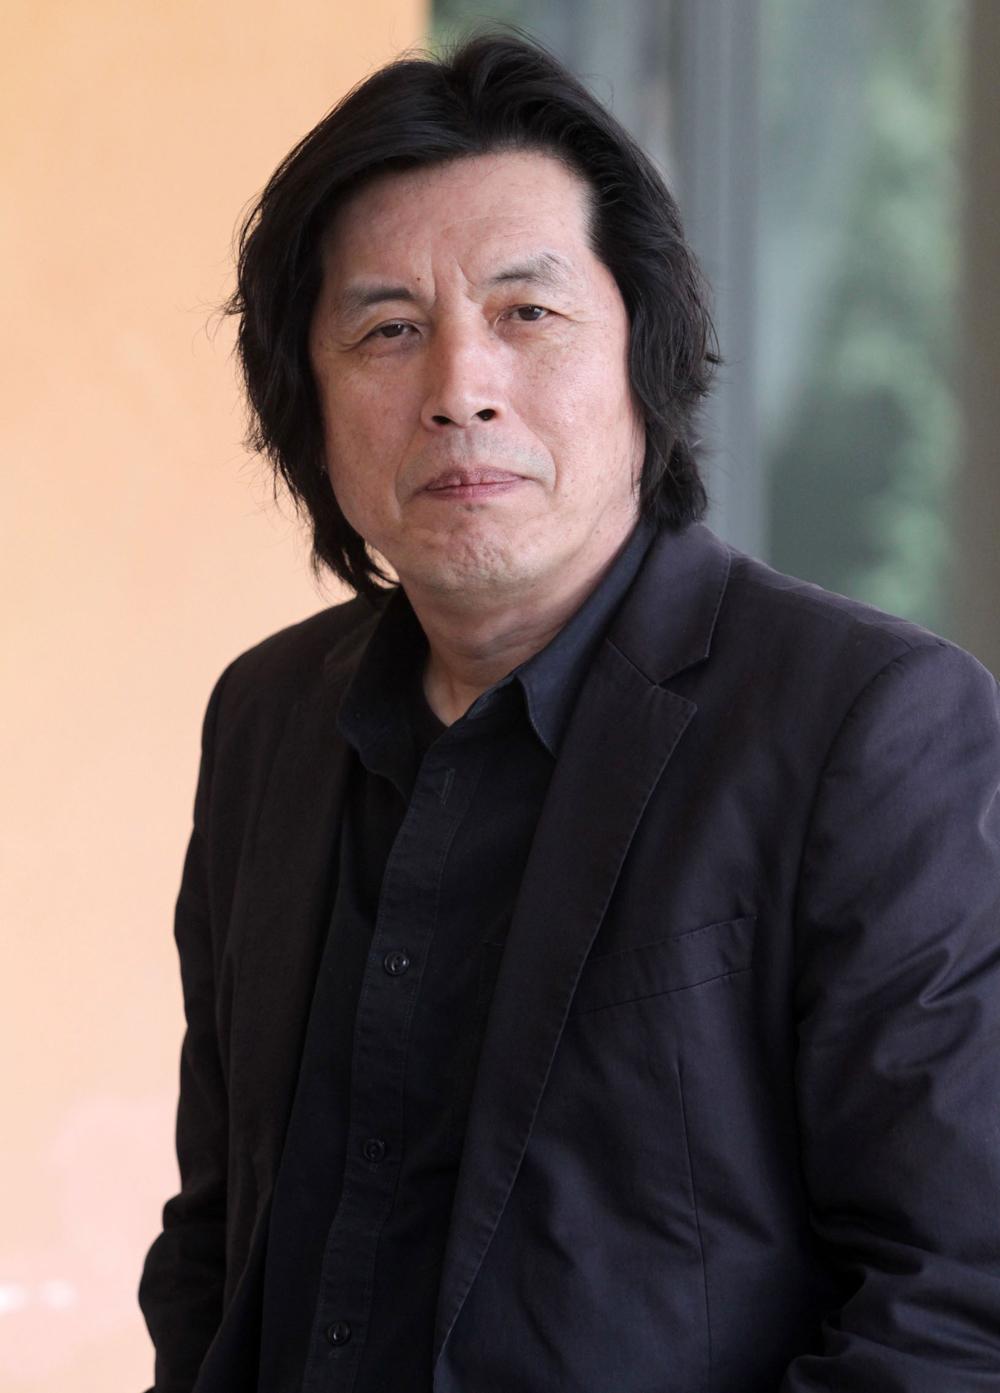 In foto Chang-dong Lee (65 anni) Dall'articolo: Poetry o l'elogio del vuoto.